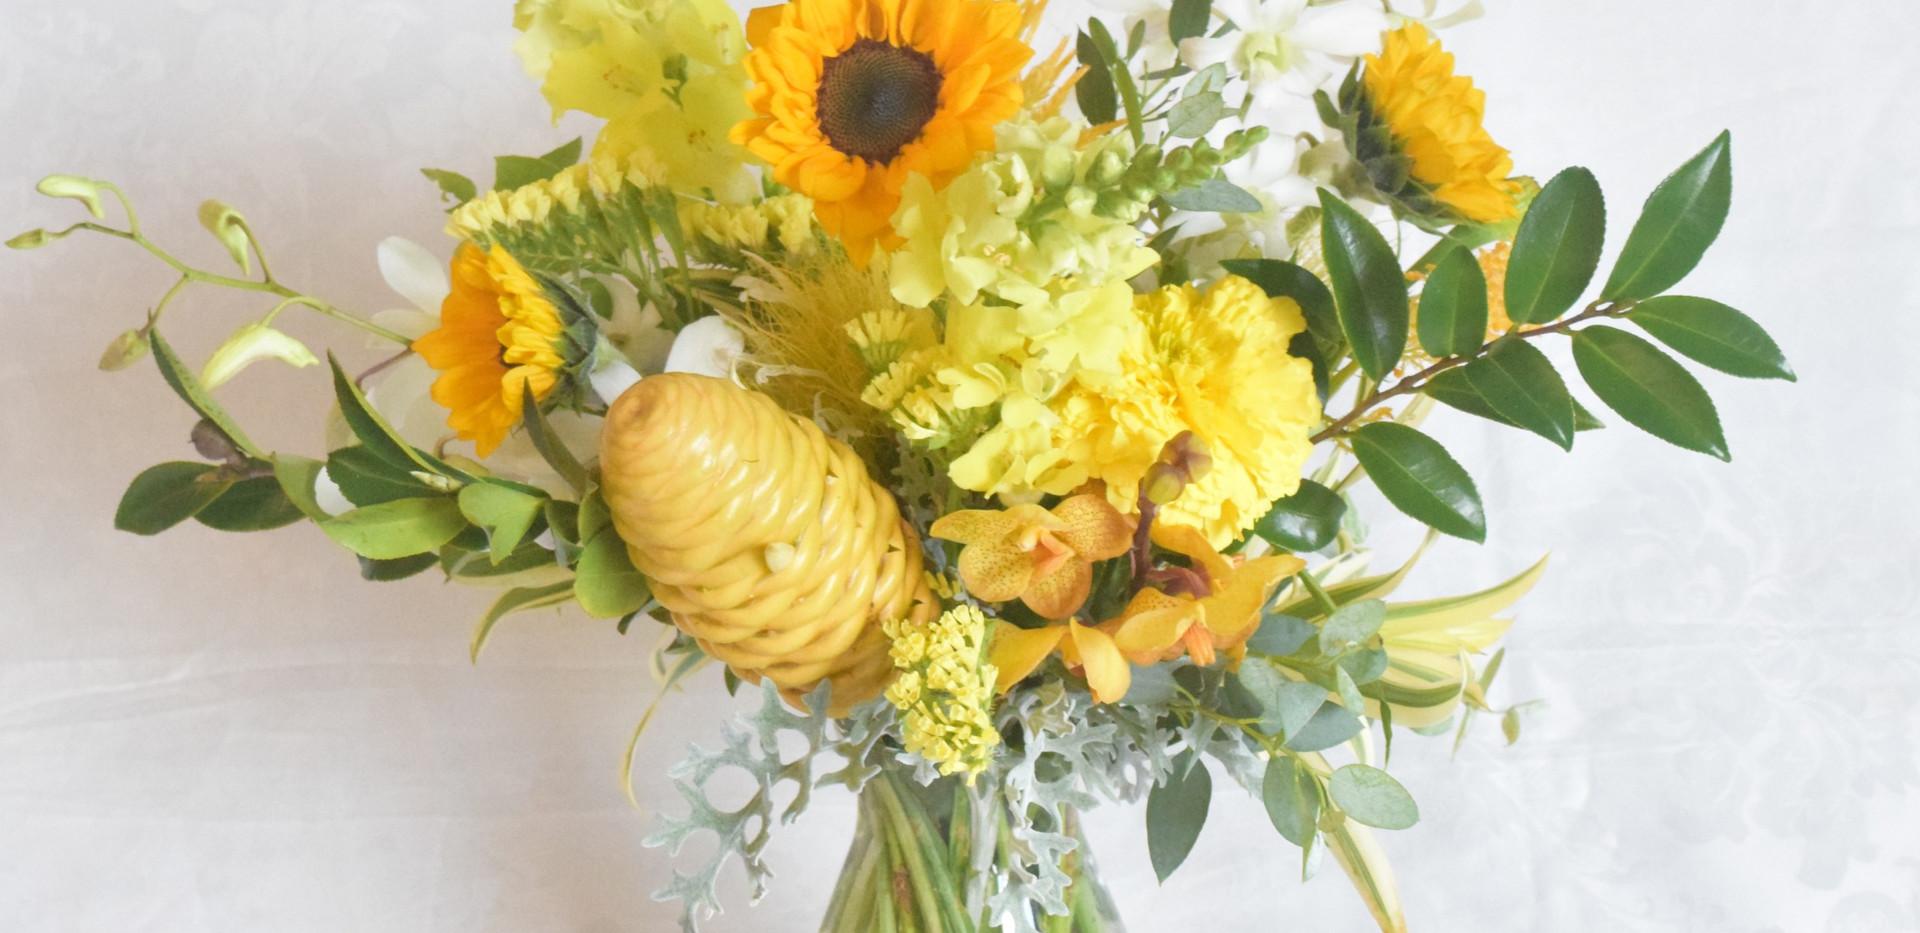 Medium tropical nouveau vase arragement